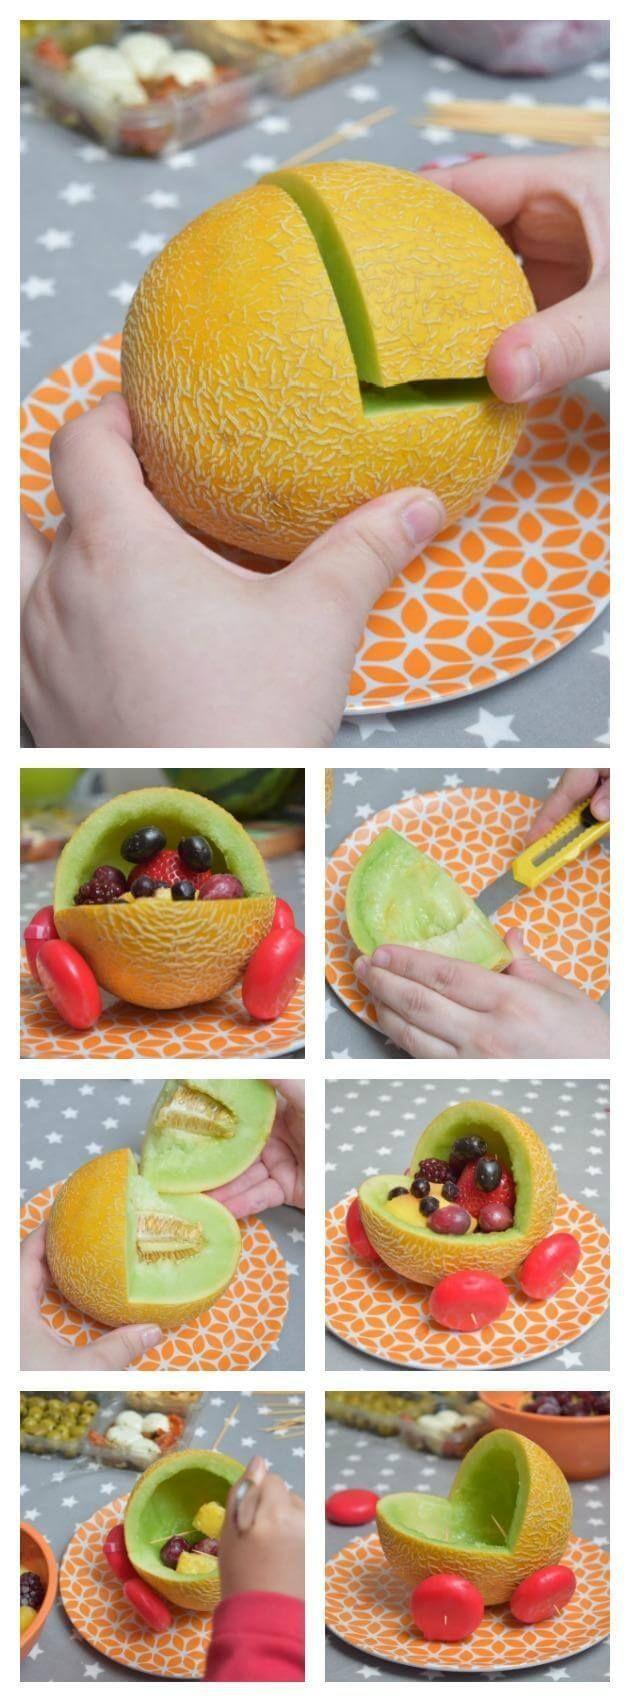 Melone, die eine nette Babyparty-Idee schnitzt   – Babyparty